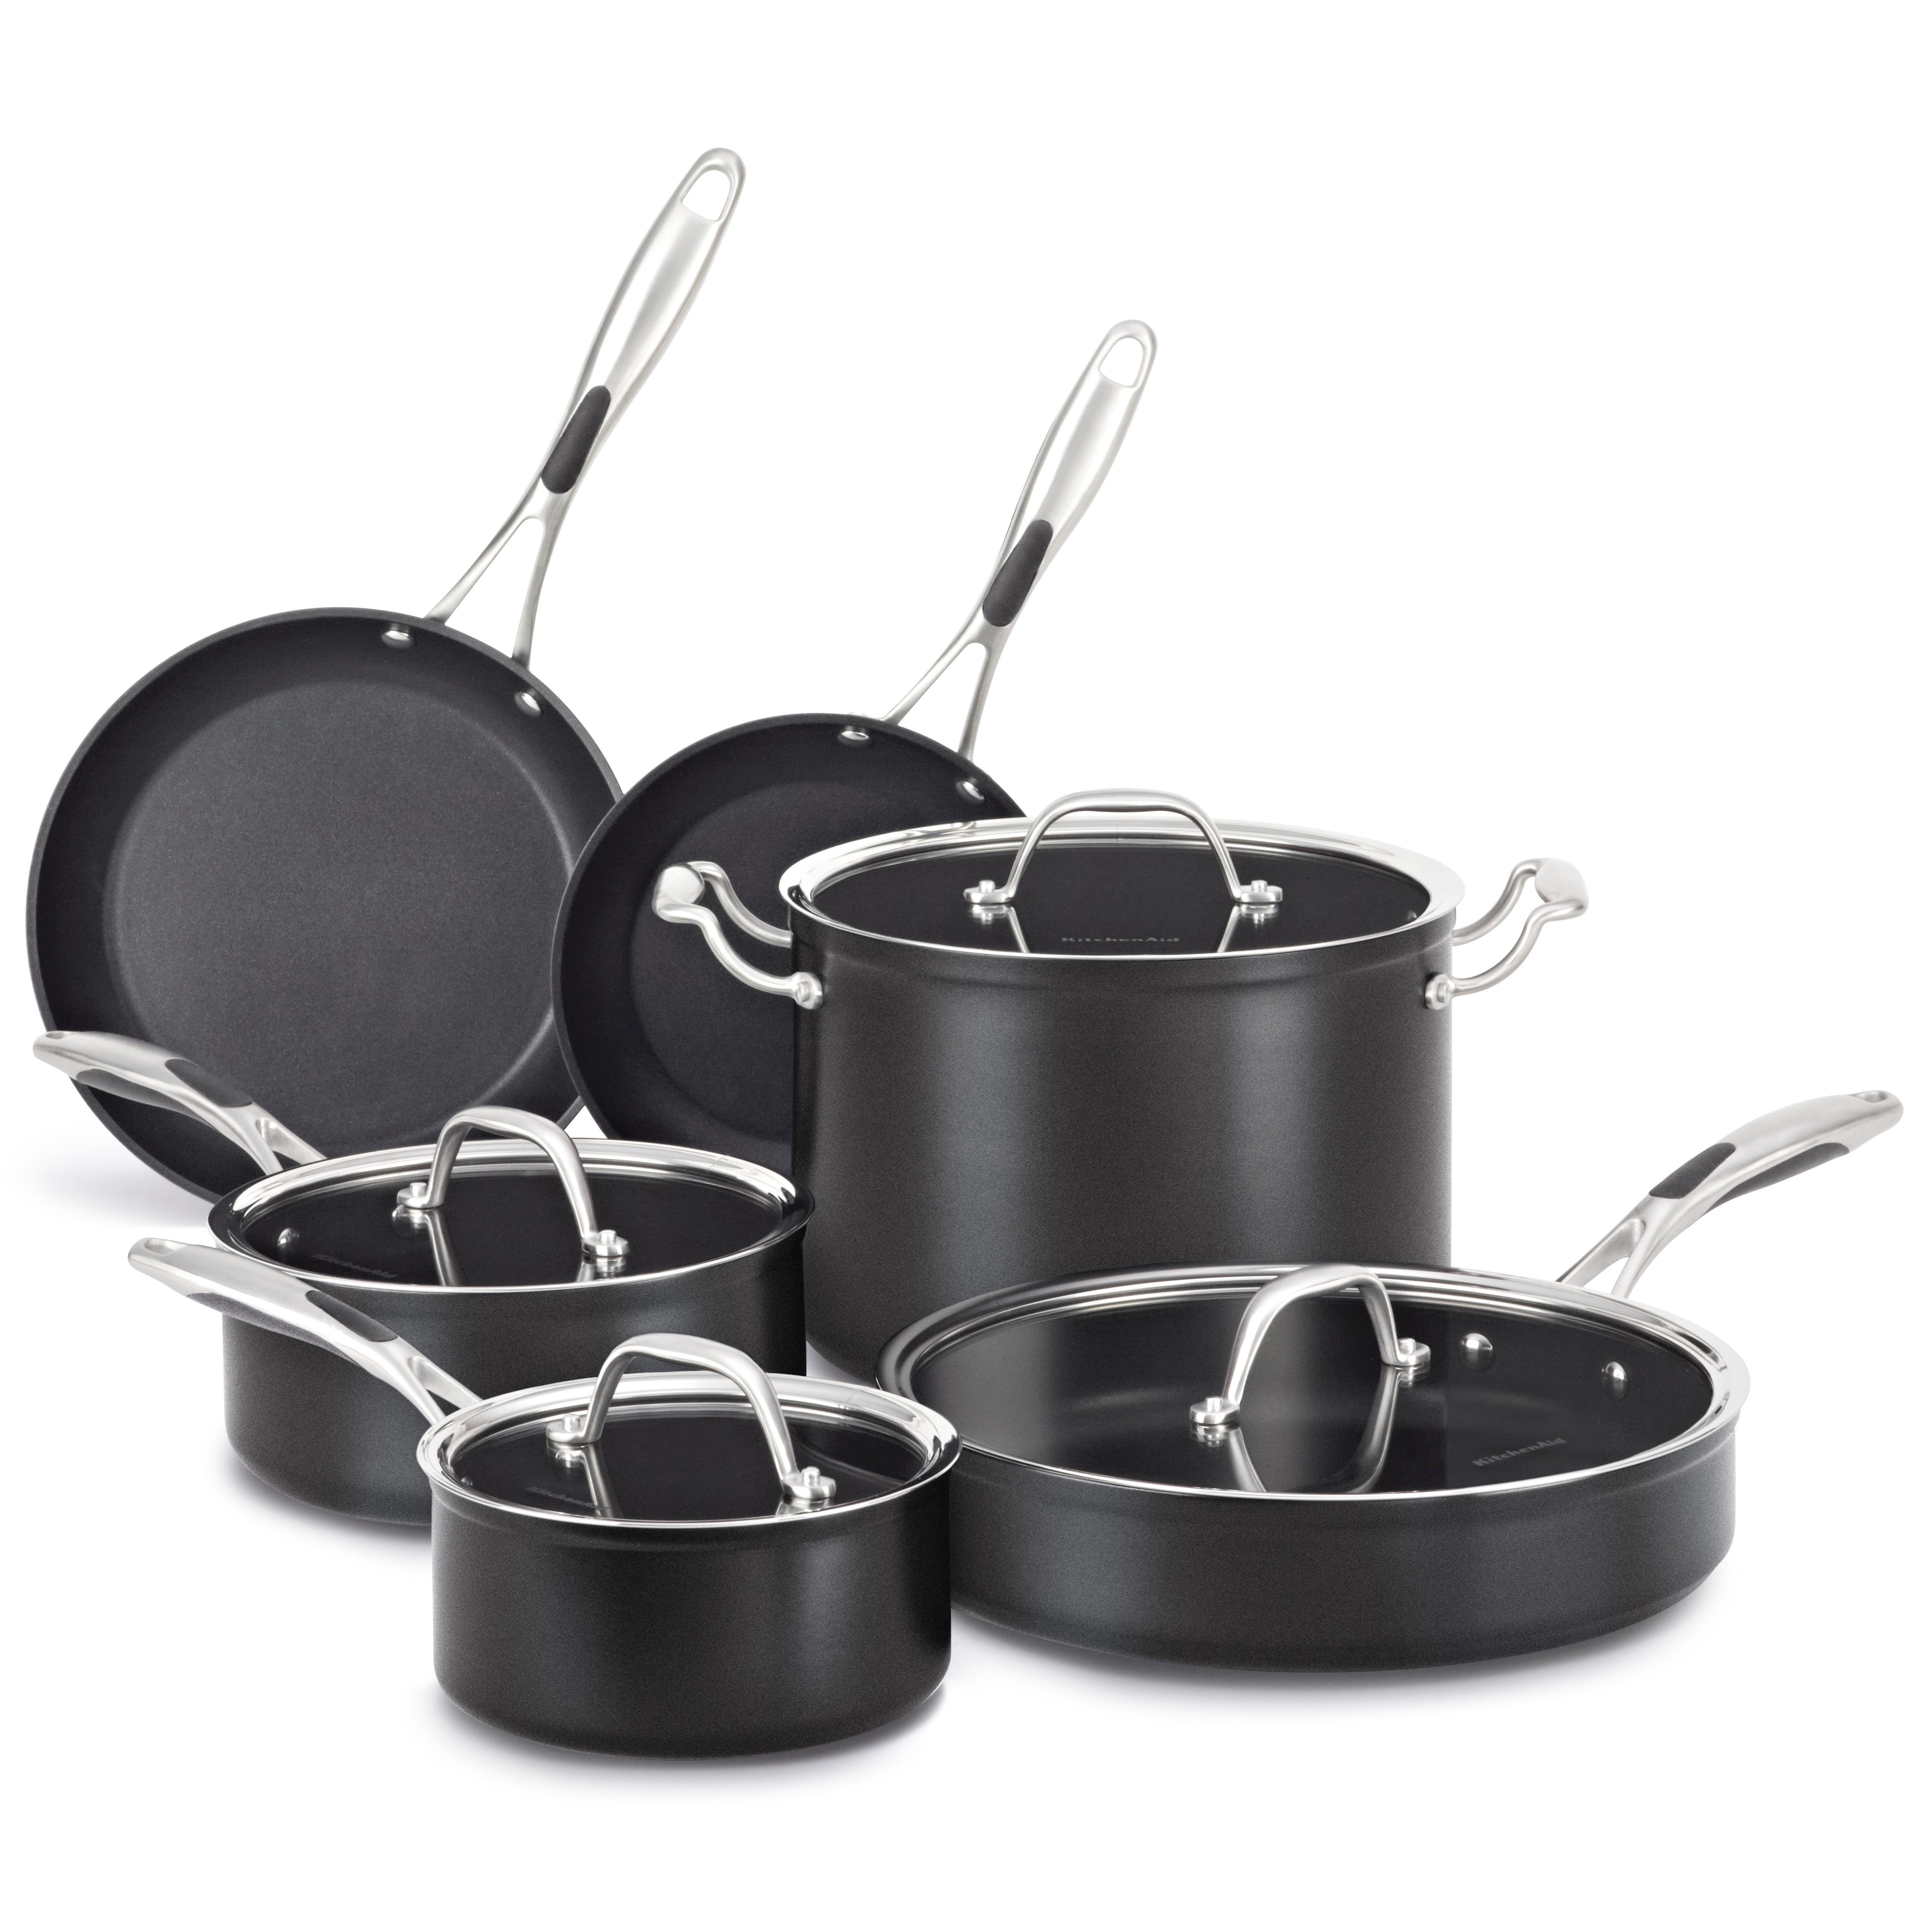 Kitchen Aid 10 Piece Nonstick Cookware Set Pots Pans